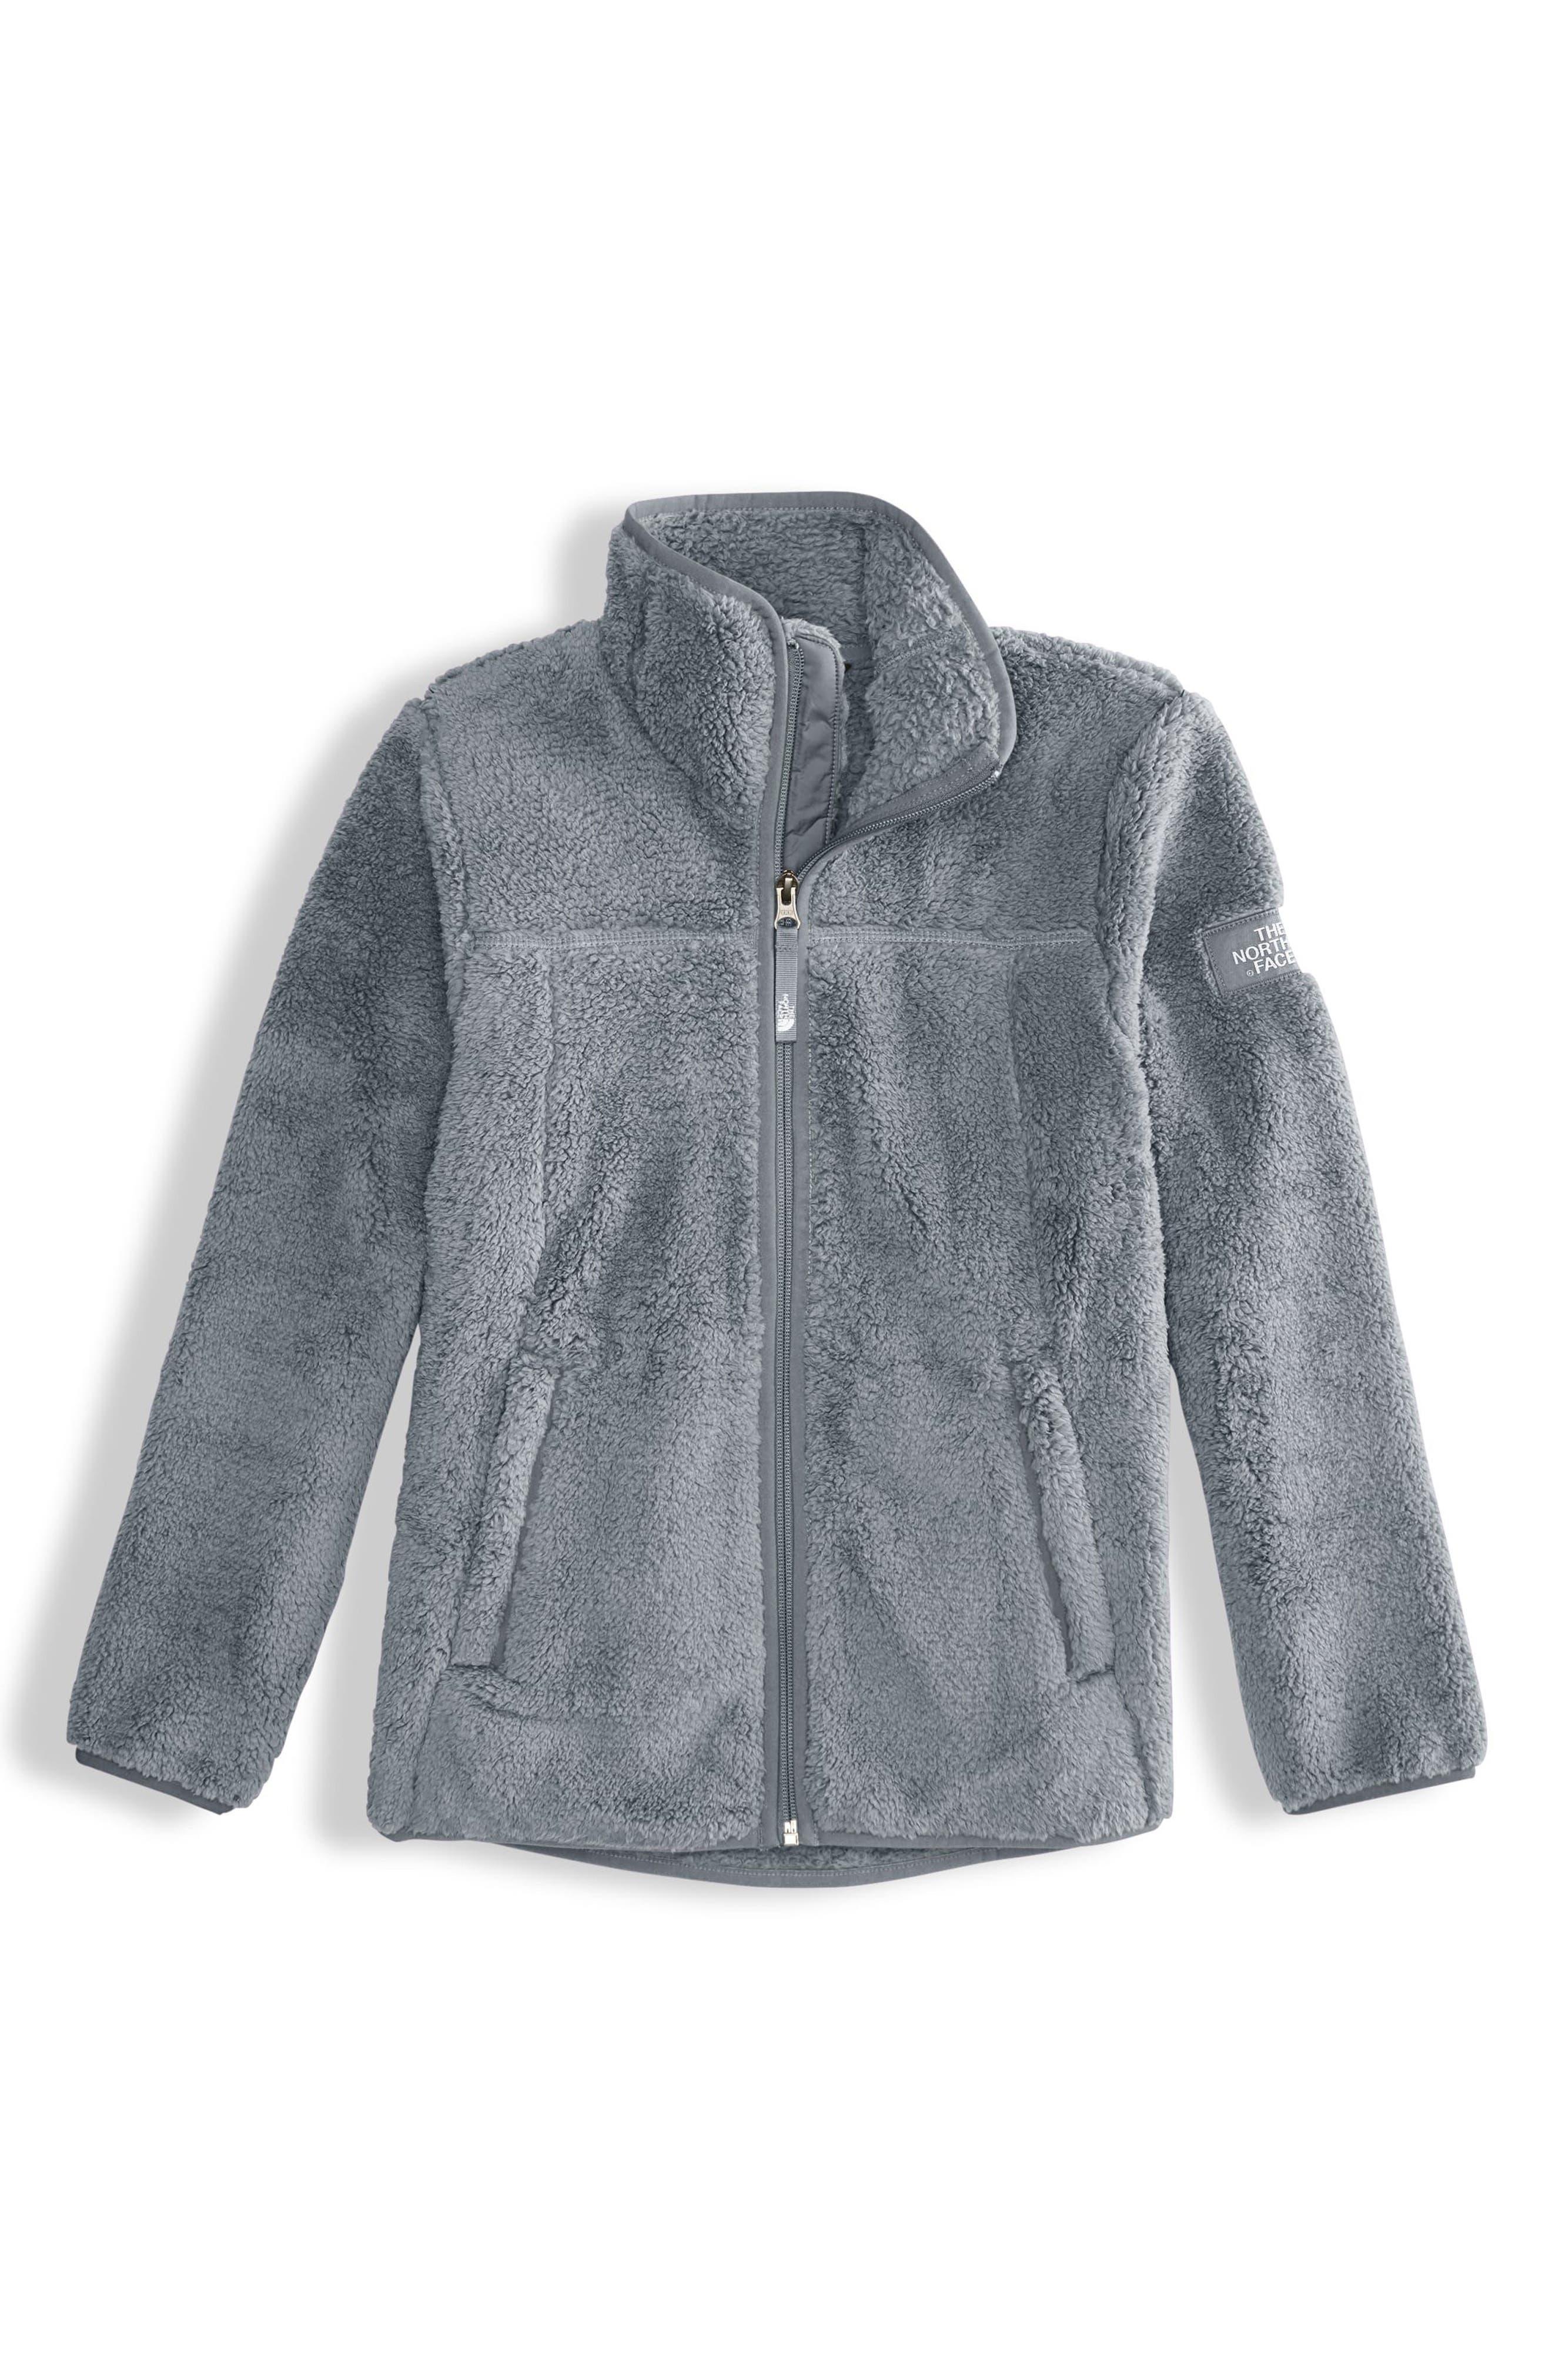 Campshire Fleece Jacket,                         Main,                         color, Mid Grey